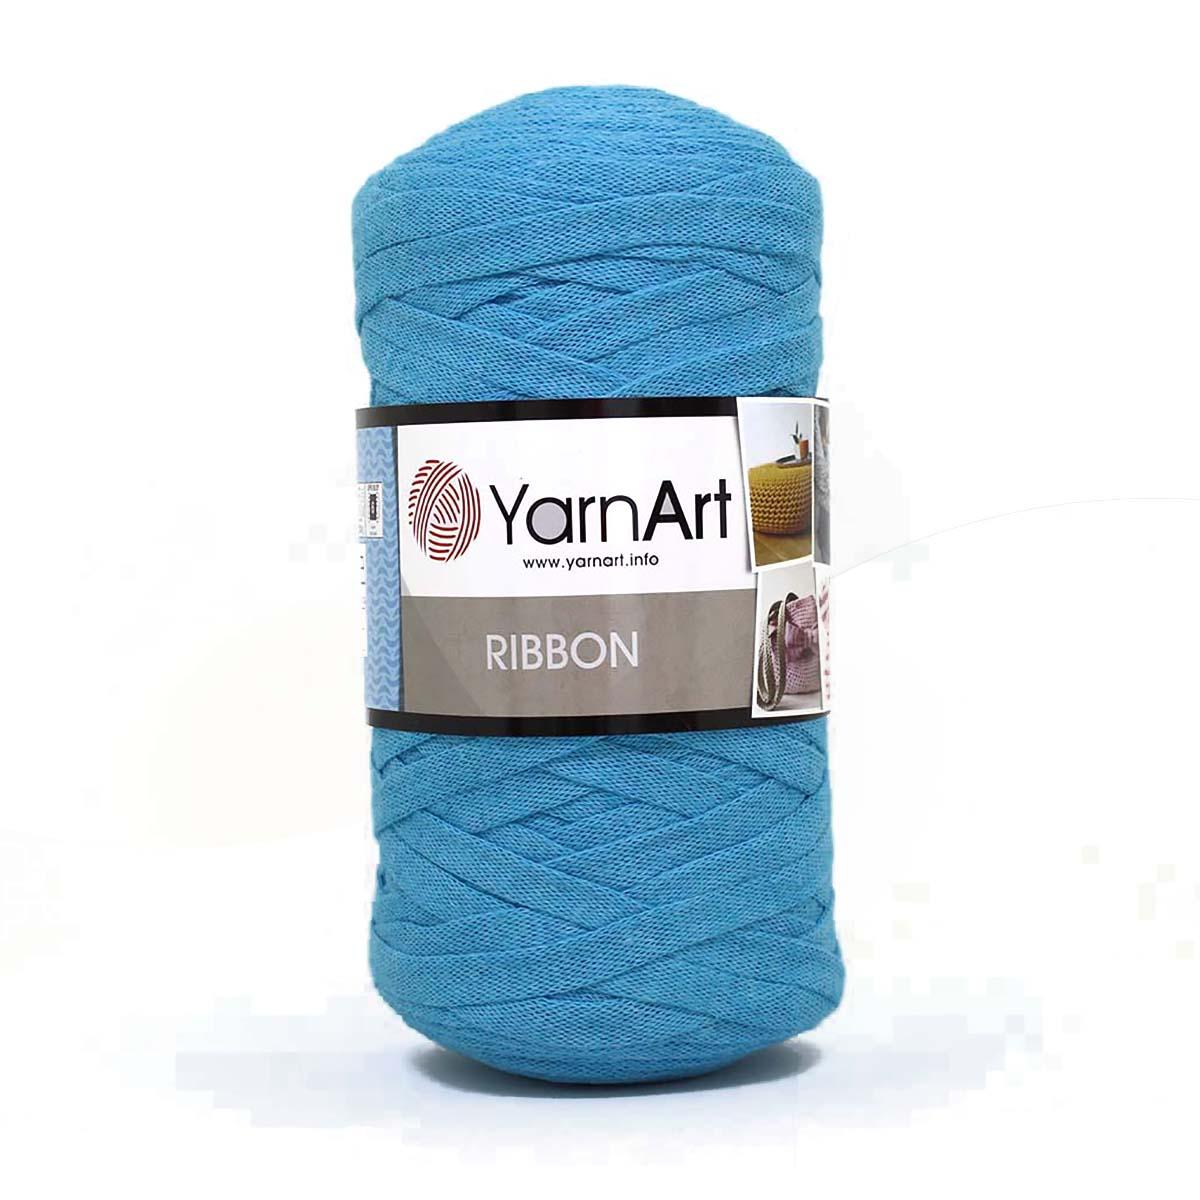 Пряжа YarnArt 'Ribbon' 250гр., 125м (60% хлопок, 40% вискоза, полиэстер) ТУ